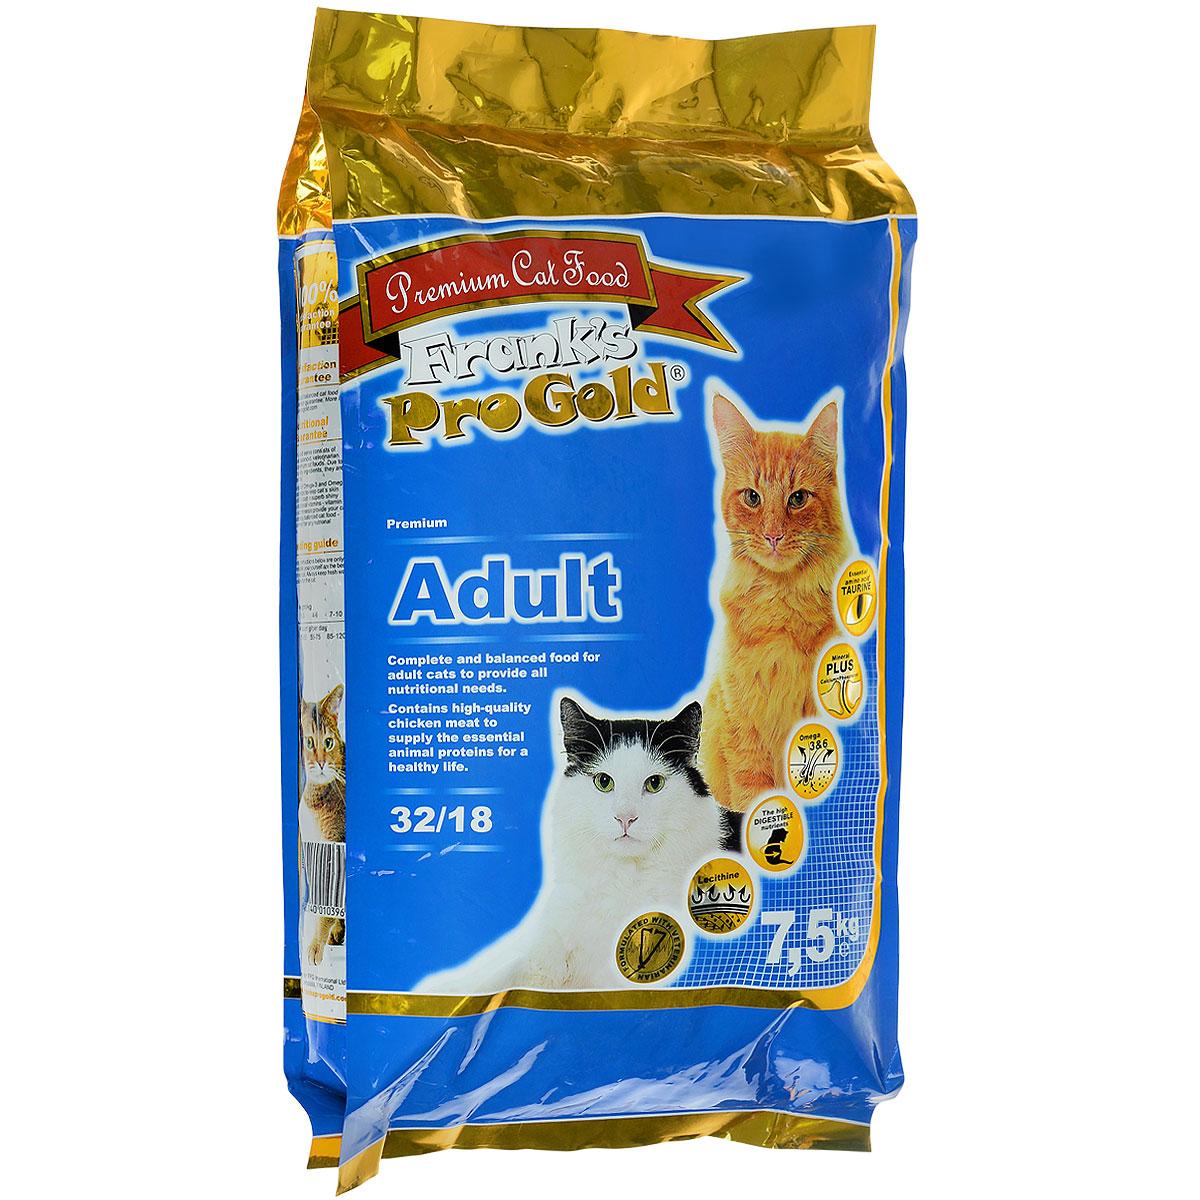 Корм сухой Franks ProGold для взрослых кошек, с курицей, 7,5 кг23292Сухой корм Franks ProGold - это полноценный рацион для взрослых кошек. Он содержит особую разработанную с участием ученых комбинацию ингредиентов для поддержания здоровья вашего питомца в течение продолжительного времени. Не содержит пшеницы, соевых добавок, ГМО.Состав: дегидрированное мясо курицы, рис, куриный жир, дегидрированная рыба, ячмень, гидролизованная куриная печень, кукурузная мука, свекла, дрожжи, яичный порошок, рыбий жир, минералы и витамины, гидролизованные хрящи (источник хондроитина), гидролизованные рачки (источник глюкозамина), лецитин (минимум 0,5%), инулин (минимум 0,5%FOS), таурин.Пищевая ценность: белки 32,0%, жиры 18,0%, клетчатка 2,0%, зола 6,0%, влажность 8,0%, фосфор 0,9%, кальций 1,4%.Добавки: витамин-A (E672) 20000 IU/кг, витамин-D3 (E671) 2000 IU/кг, витамин-E (dl-альфа токоферола ацетат) 400 мг/кг, витамин-C (фосфат аскорбиновой кислоты) 250 мг/кг, таурин 1000 мг/кг, E1 75 мг/кг, E2 1,5 мг/кг, E3 0,5 мг/кг, E4 5 мг/кг, E5 30 мг/кг, E6 65 мг/кг. Товар сертифицирован.